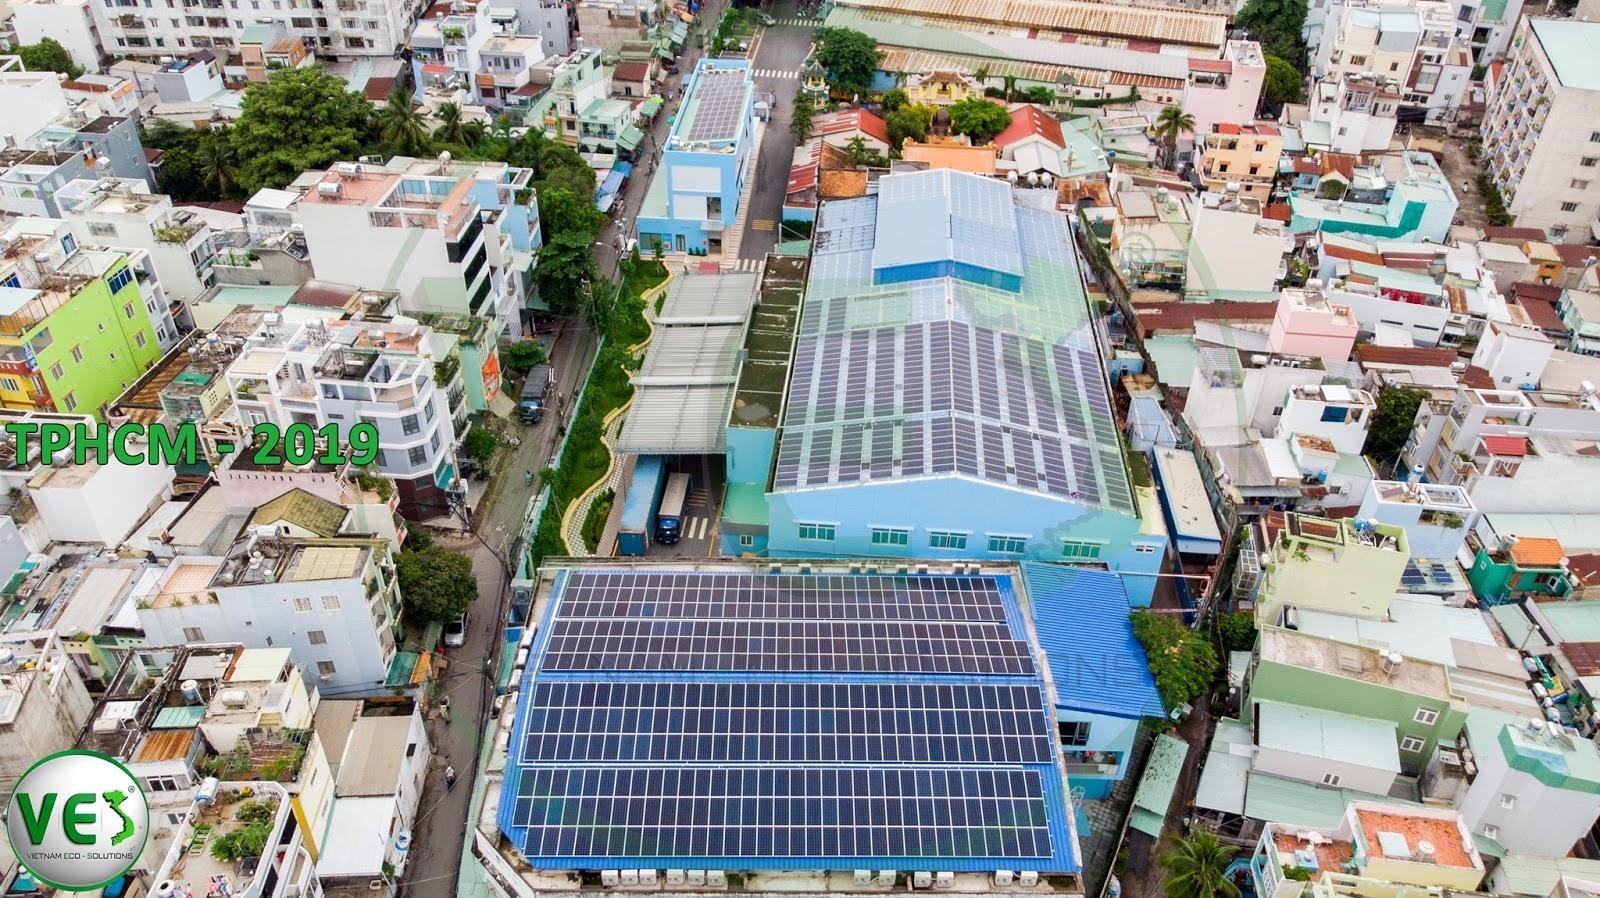 VES lắp điện năng lượng mặt trời tại Tp. Hồ Chí Minh